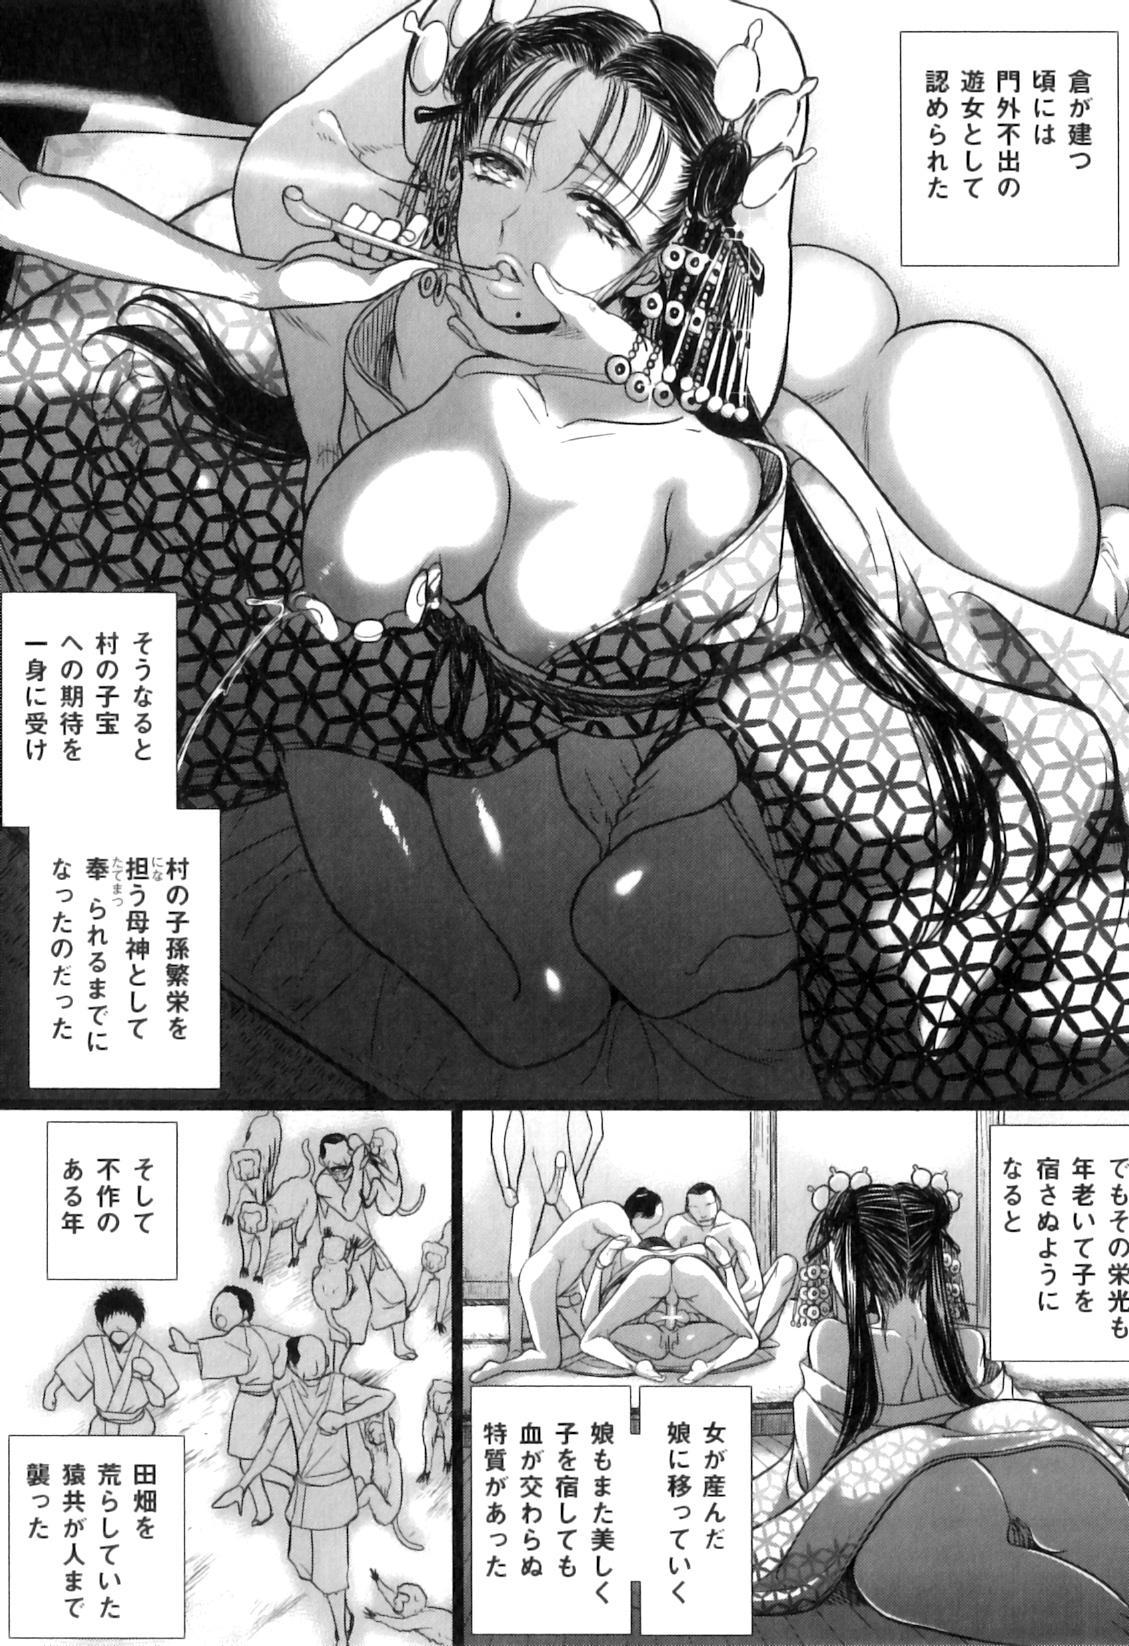 COMIC Juuyoku Vol. 07 53